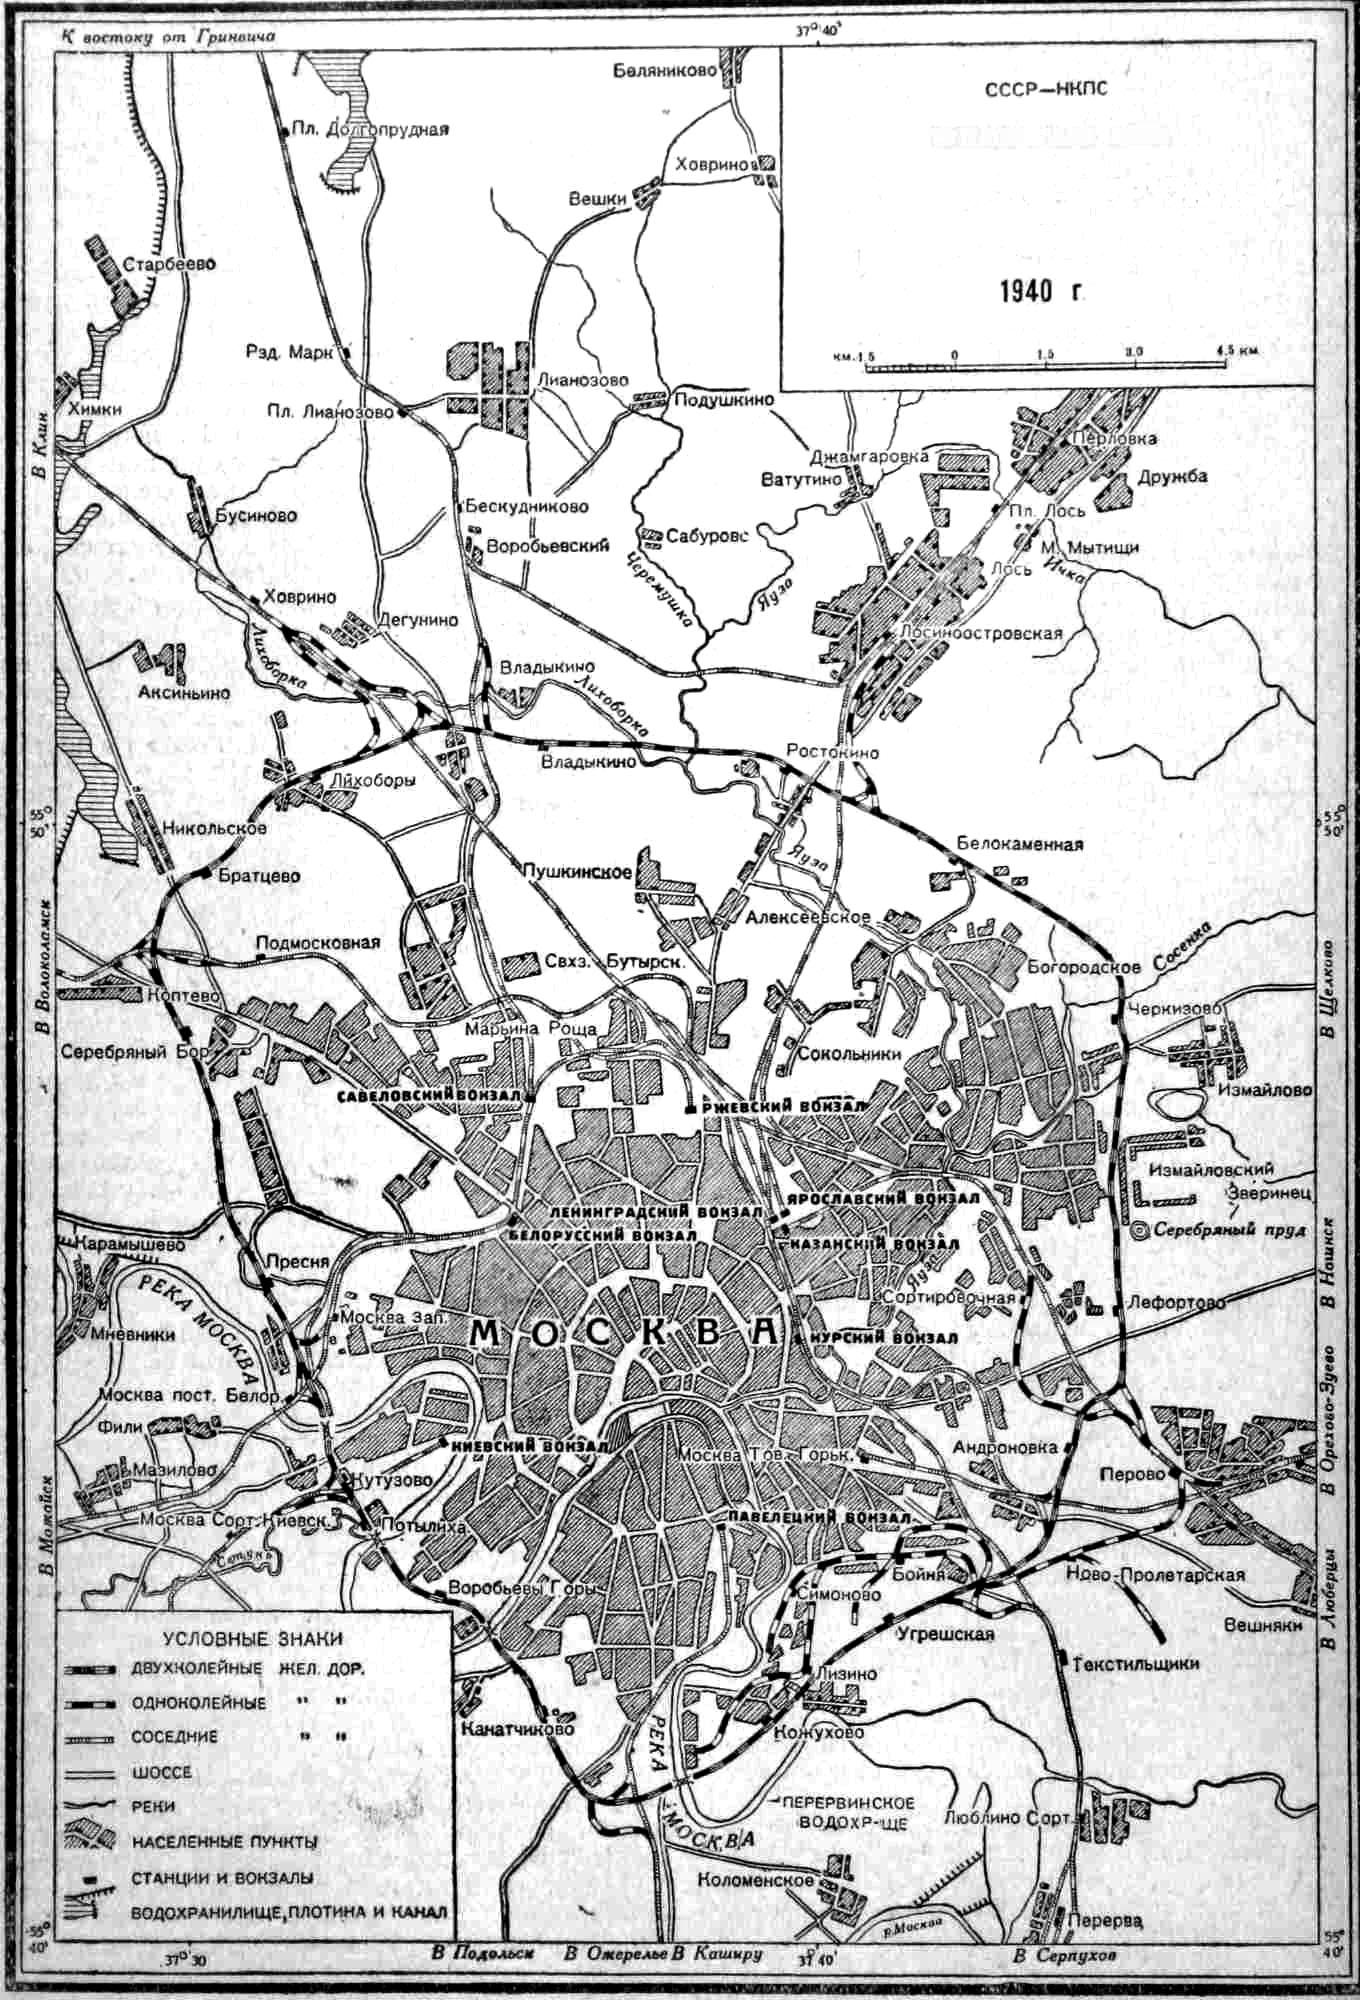 Схематическая карта московско-окружной железной дороги 1940 г. масштаб 1:150 000.